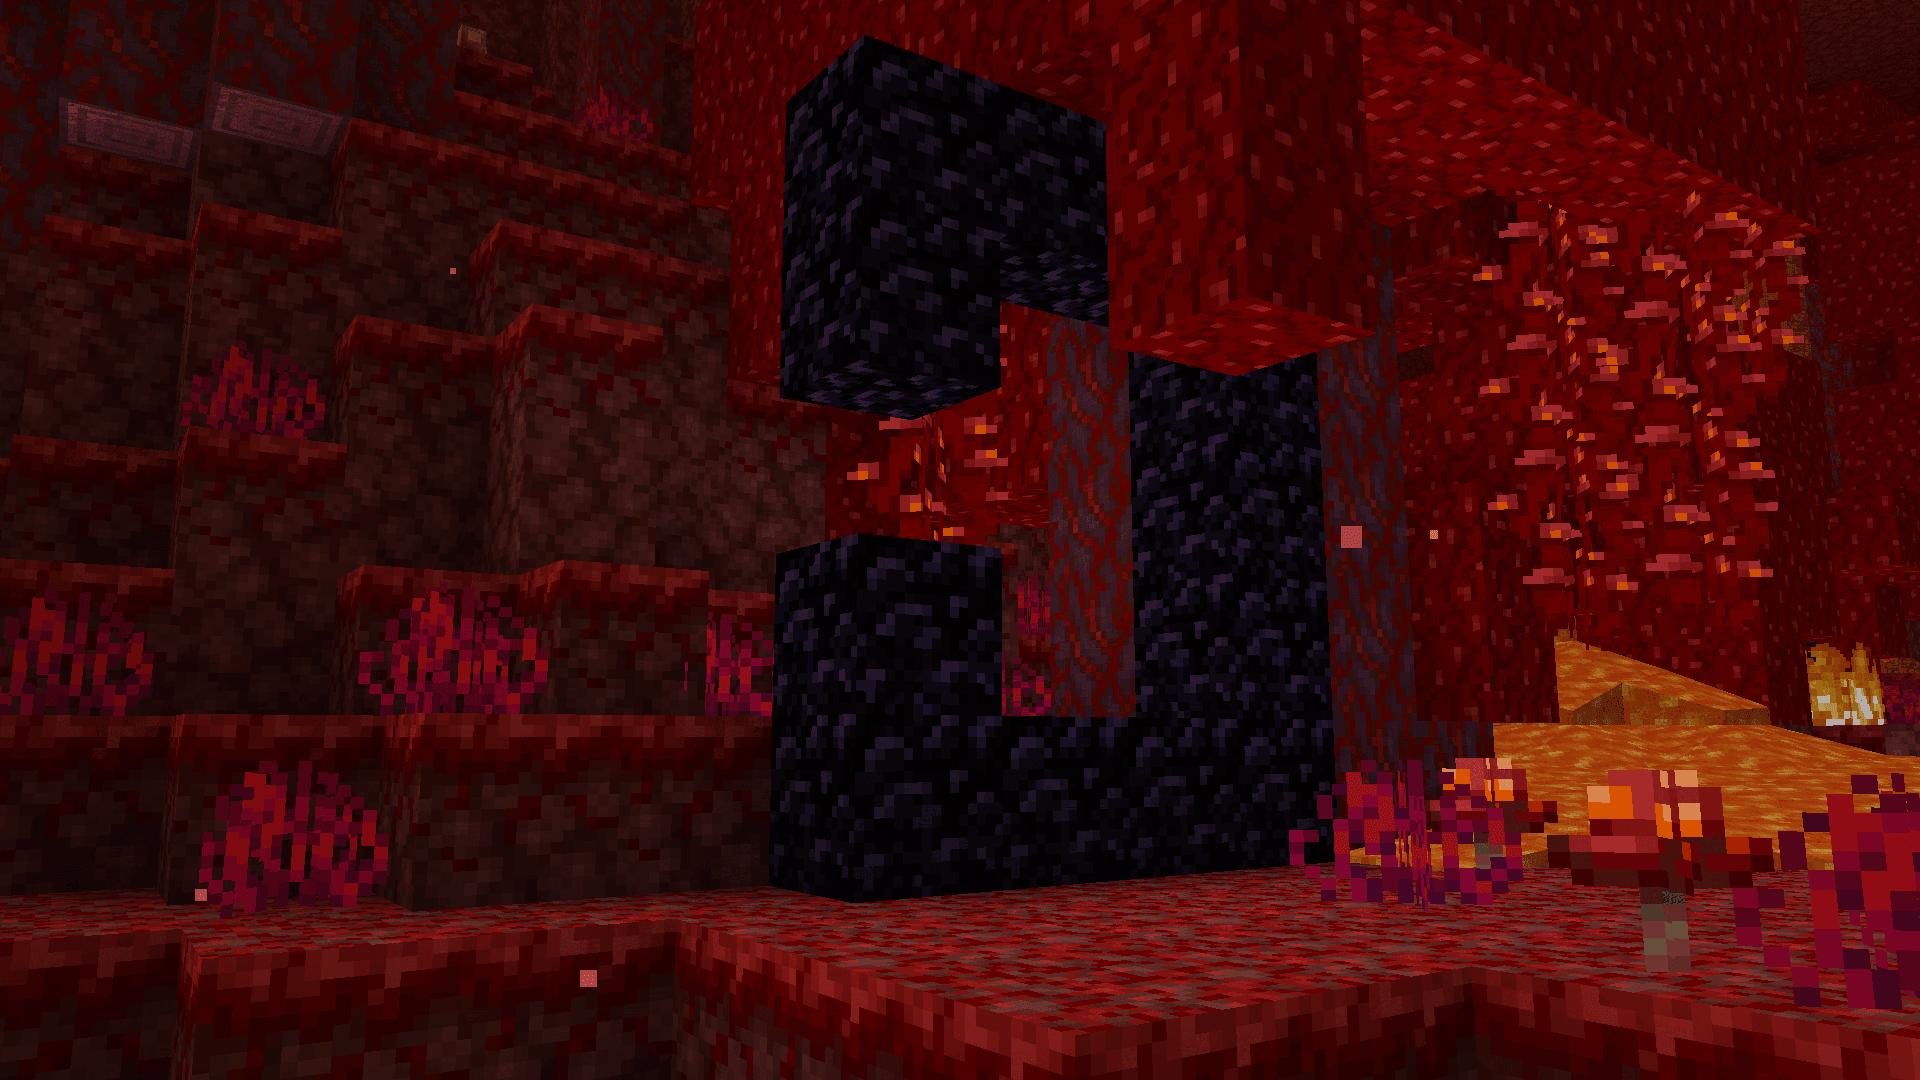 Introduzione: portale rotto - siamo intrappolati nel Nether di Minecraft. In questo tutorial vedremo Come Uscire dal Nether su Minecraft.